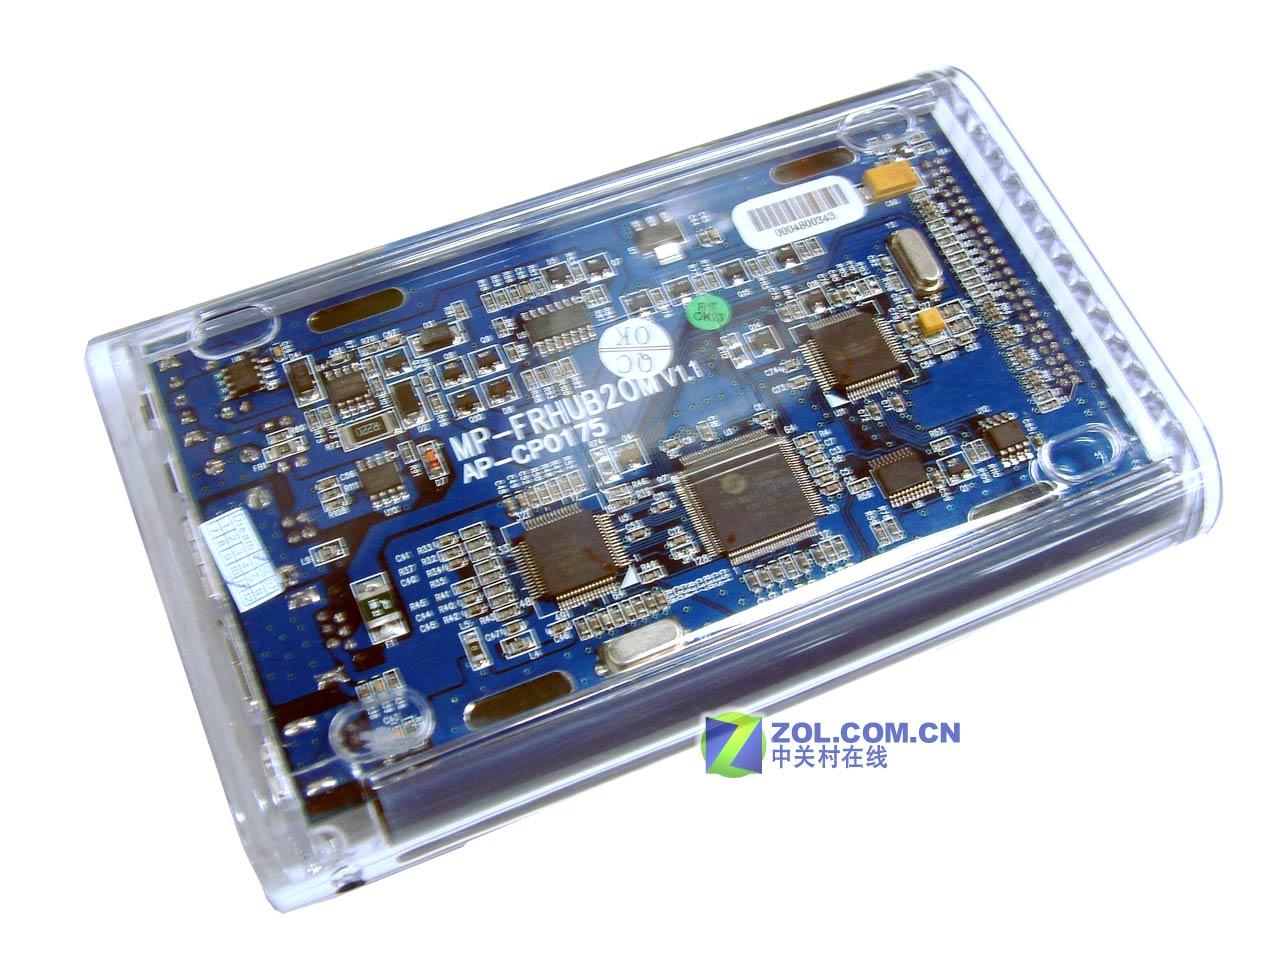 豪华usb/1394双接口移动硬盘盒细品